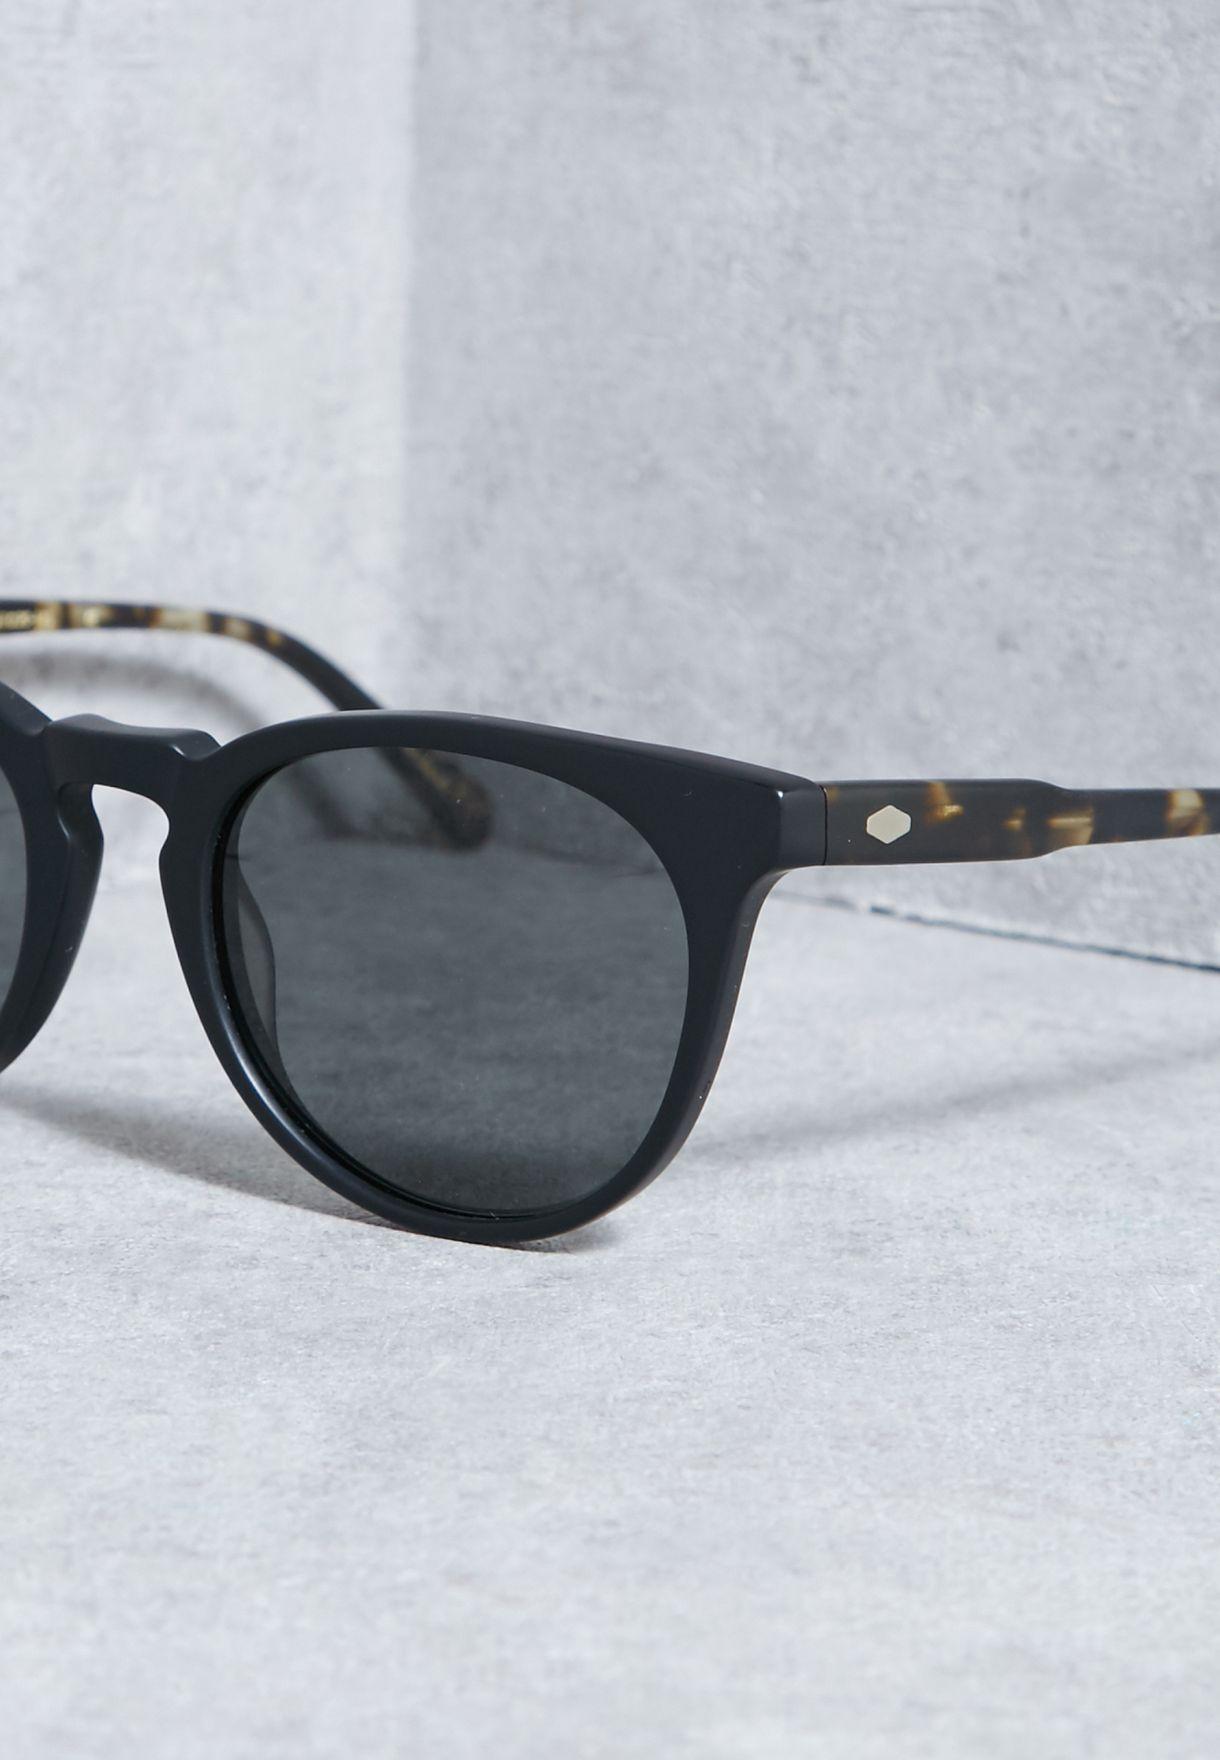 fcbc67a17 تسوق نظارة شمسية بشعار الماركة ماركة راين لون أسود في البحرين ...